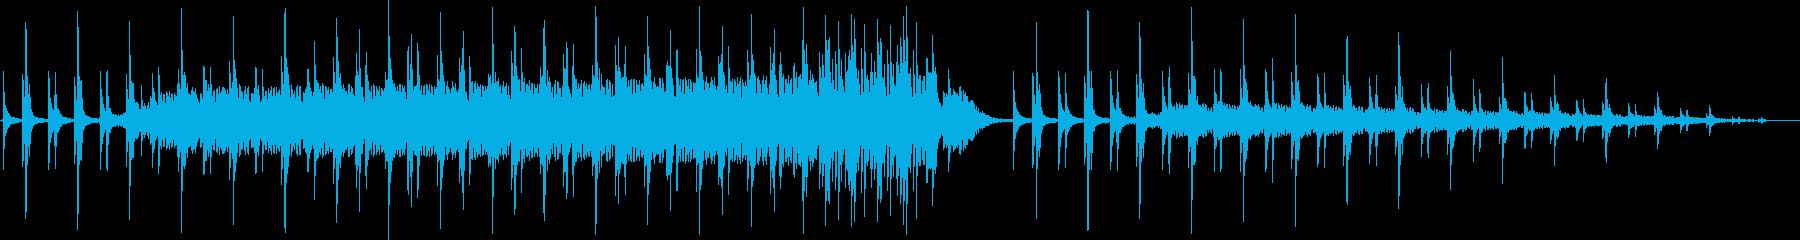 お正月などに使える和風BGMです。の再生済みの波形